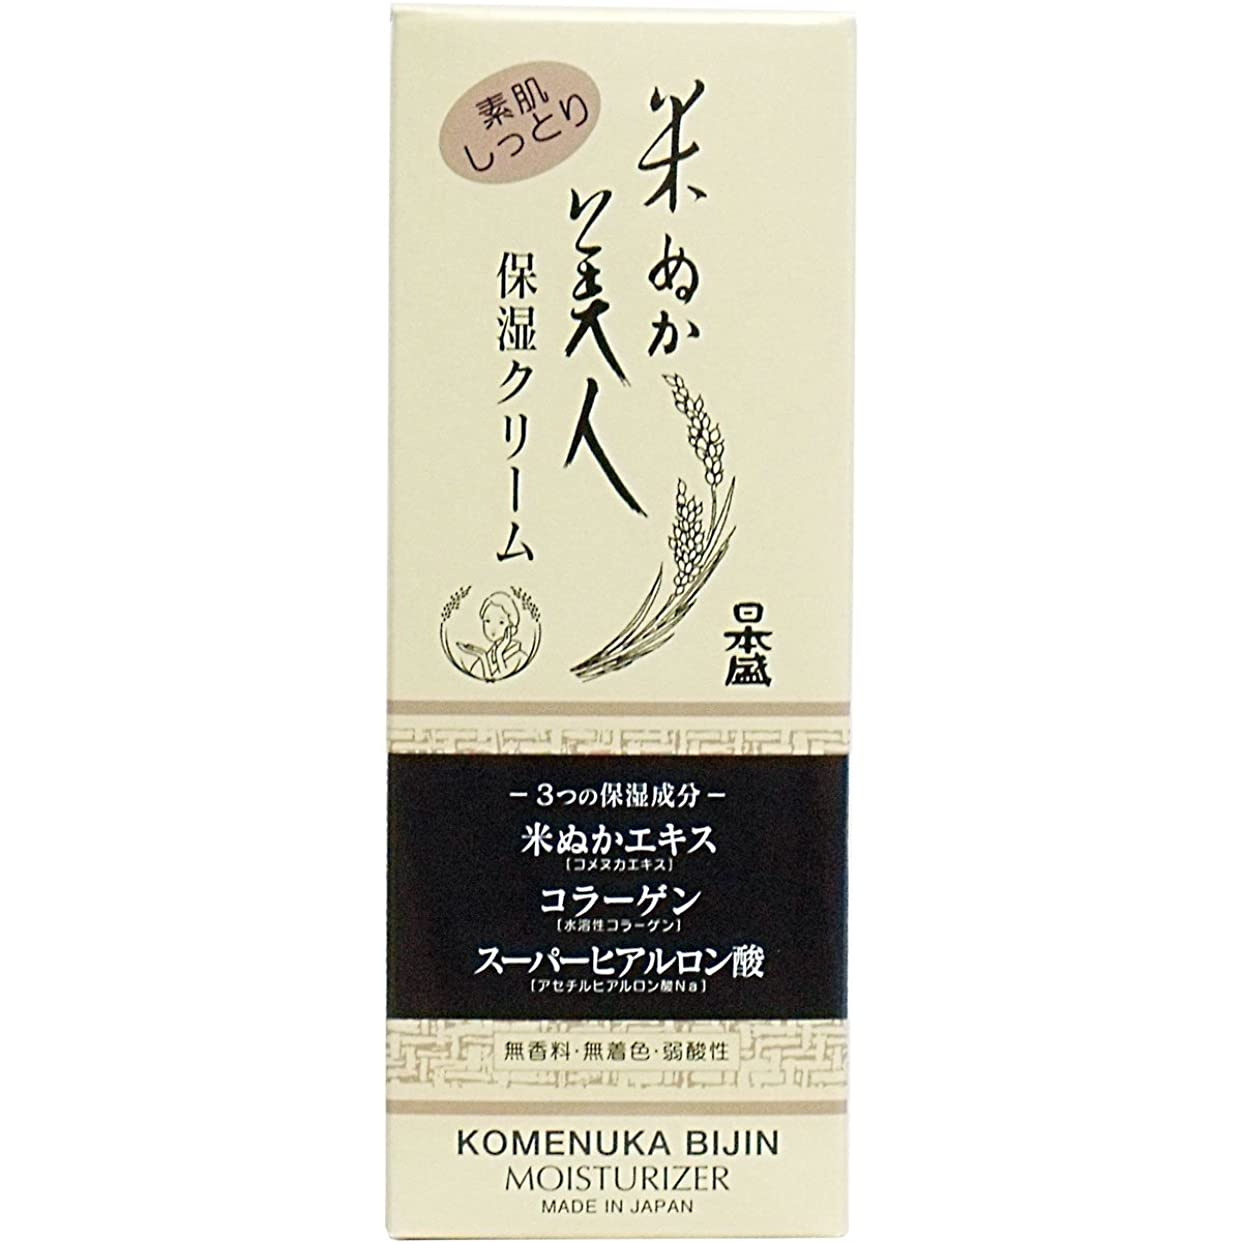 テロリスト高さ参照する【日本盛】米ぬか美人 保湿クリーム 35g